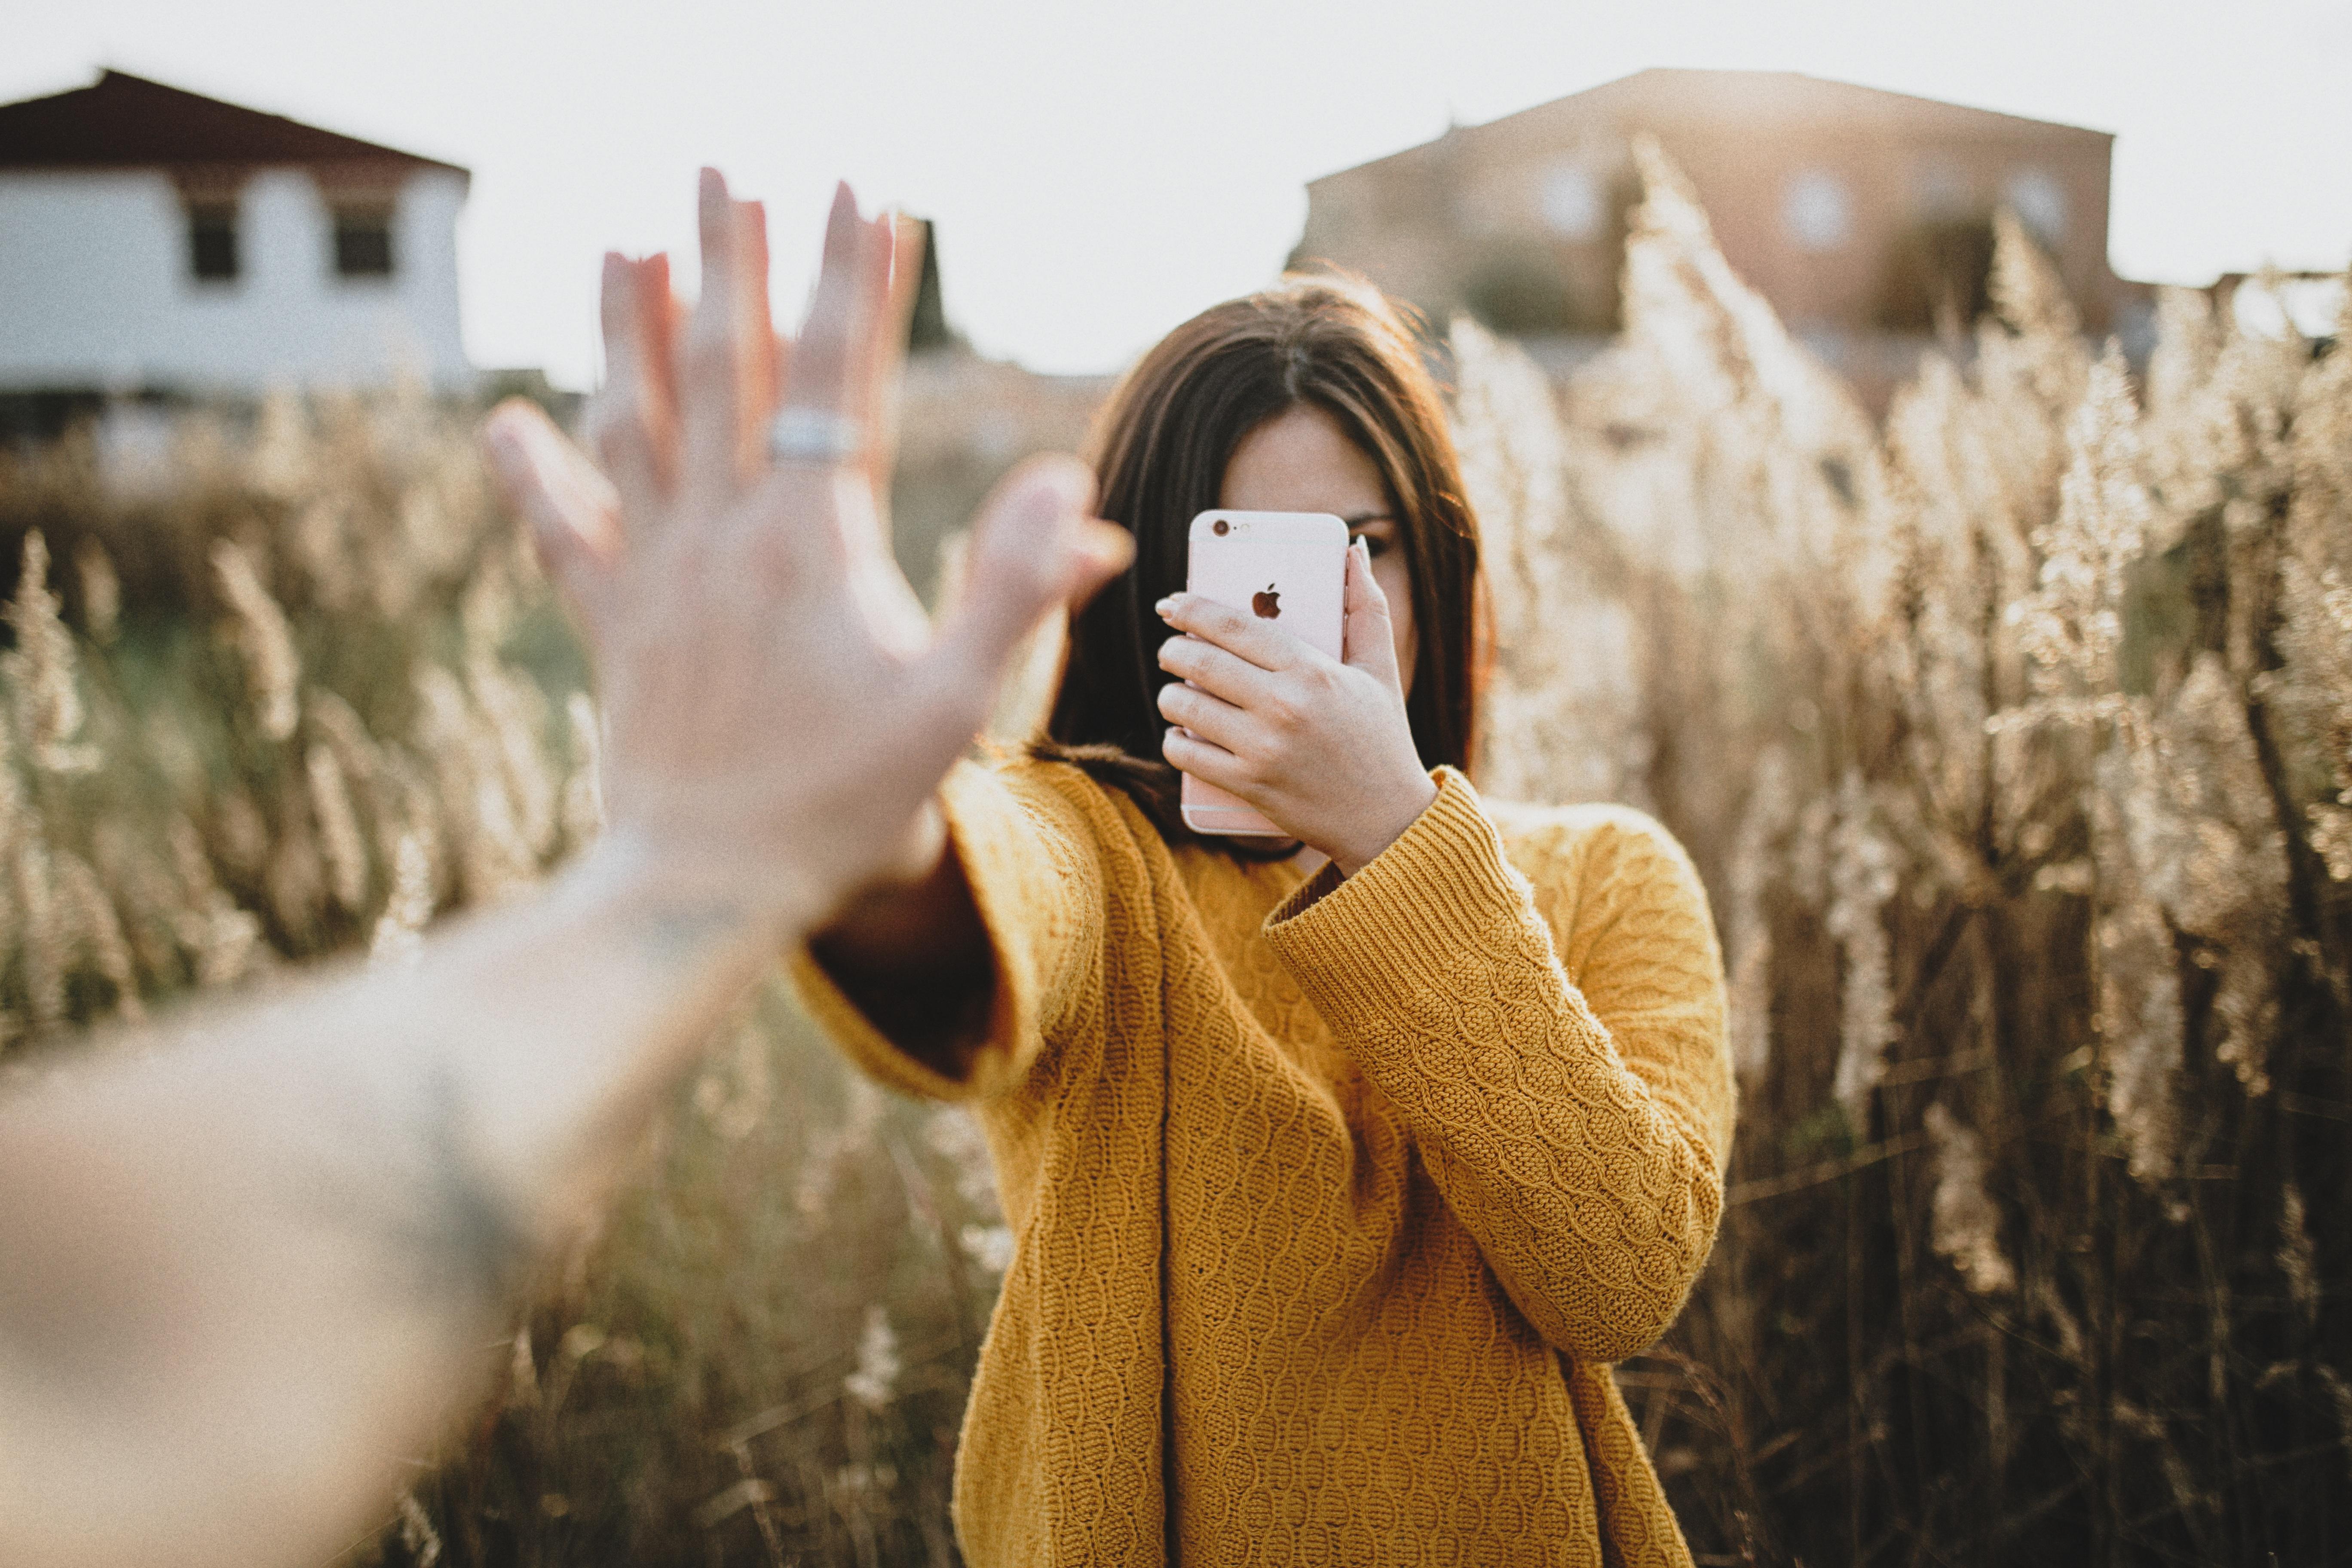 Muốn tránh tranh cãi hục hặc trong tình yêu, làm ơn hãy nhớ kỹ 7 nguyên tắc này - Ảnh 2.